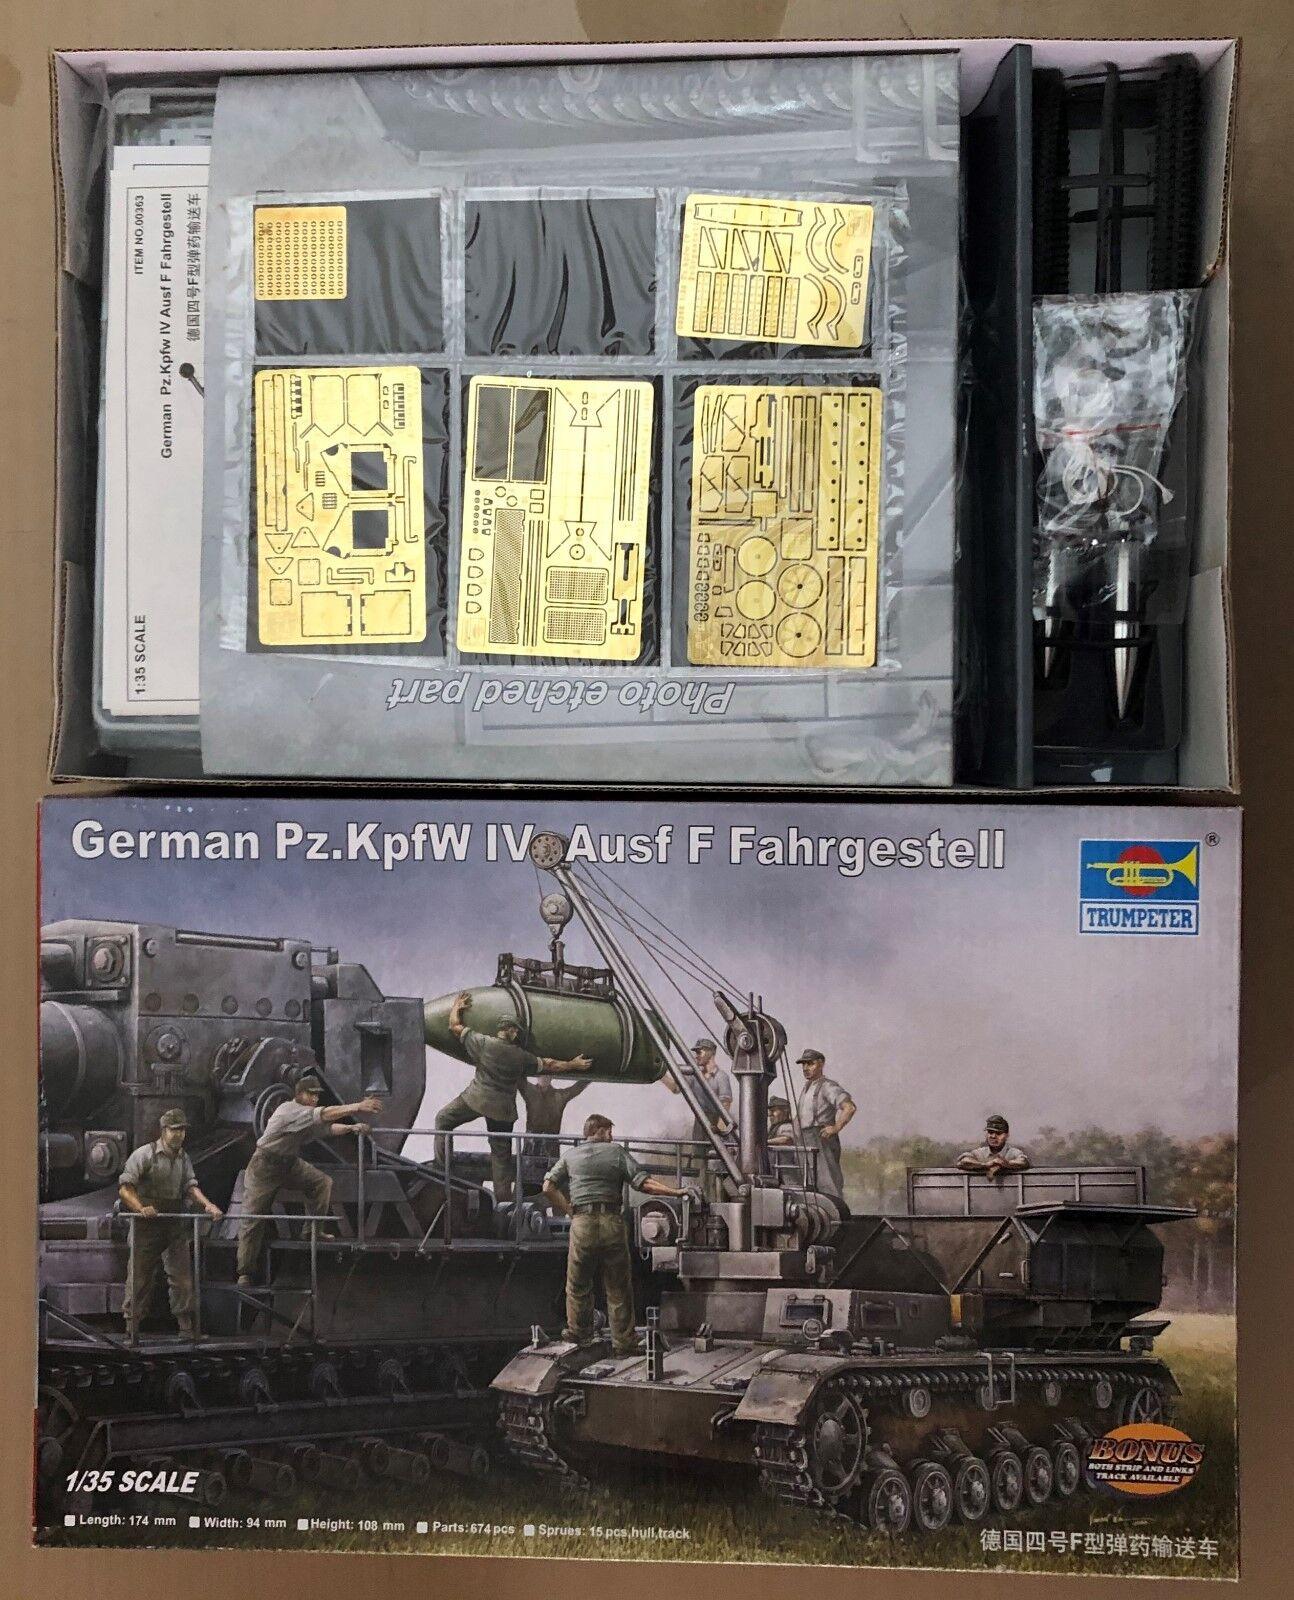 TRUMPETER 00363 - GERMAN Pz.KpfW IV Ausf F FAHRGESTELL - 1 35 PLASTIC KIT